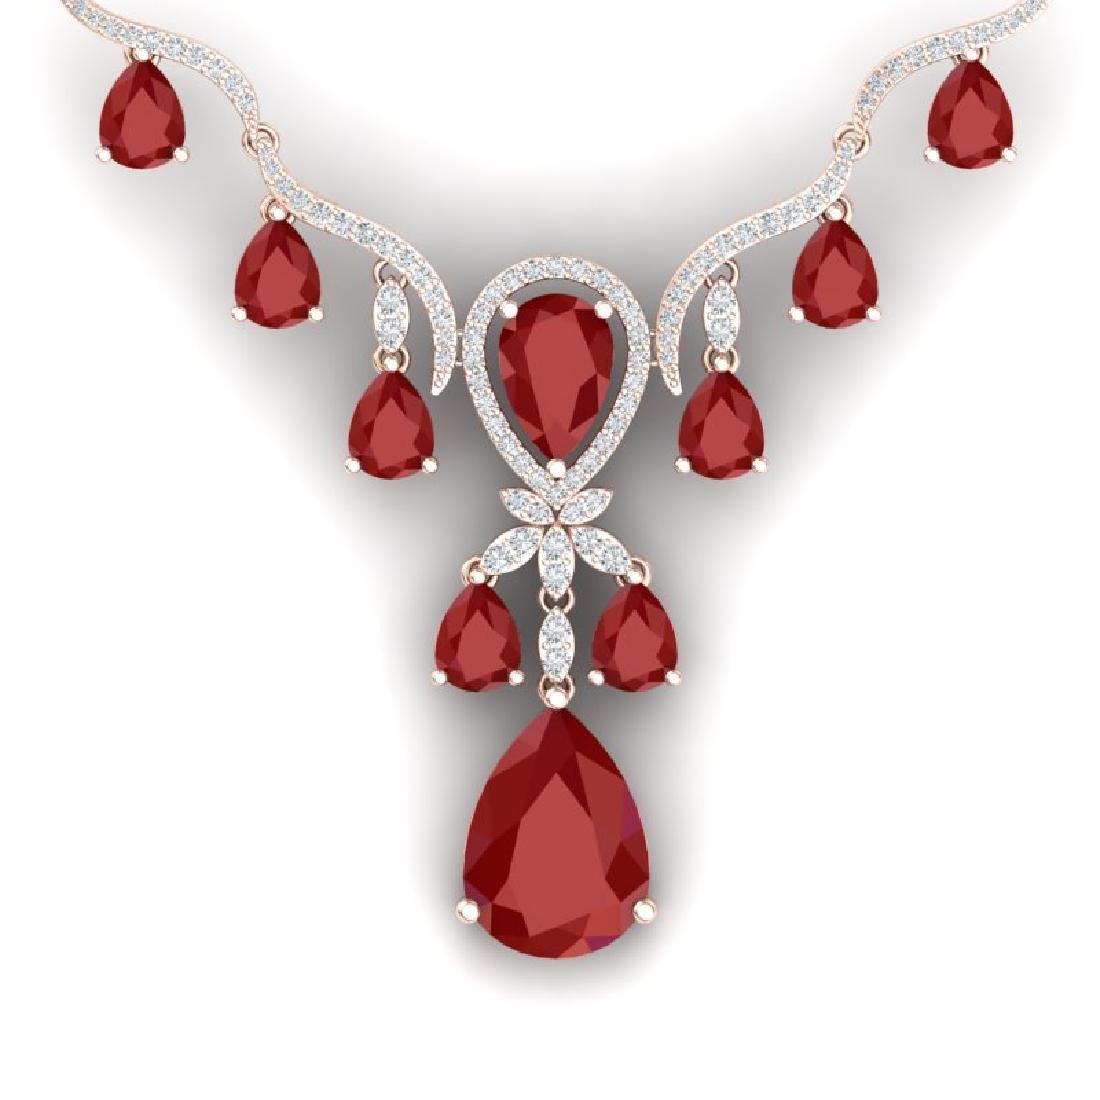 36.14 CTW Royalty Ruby & VS Diamond Necklace 18K Rose